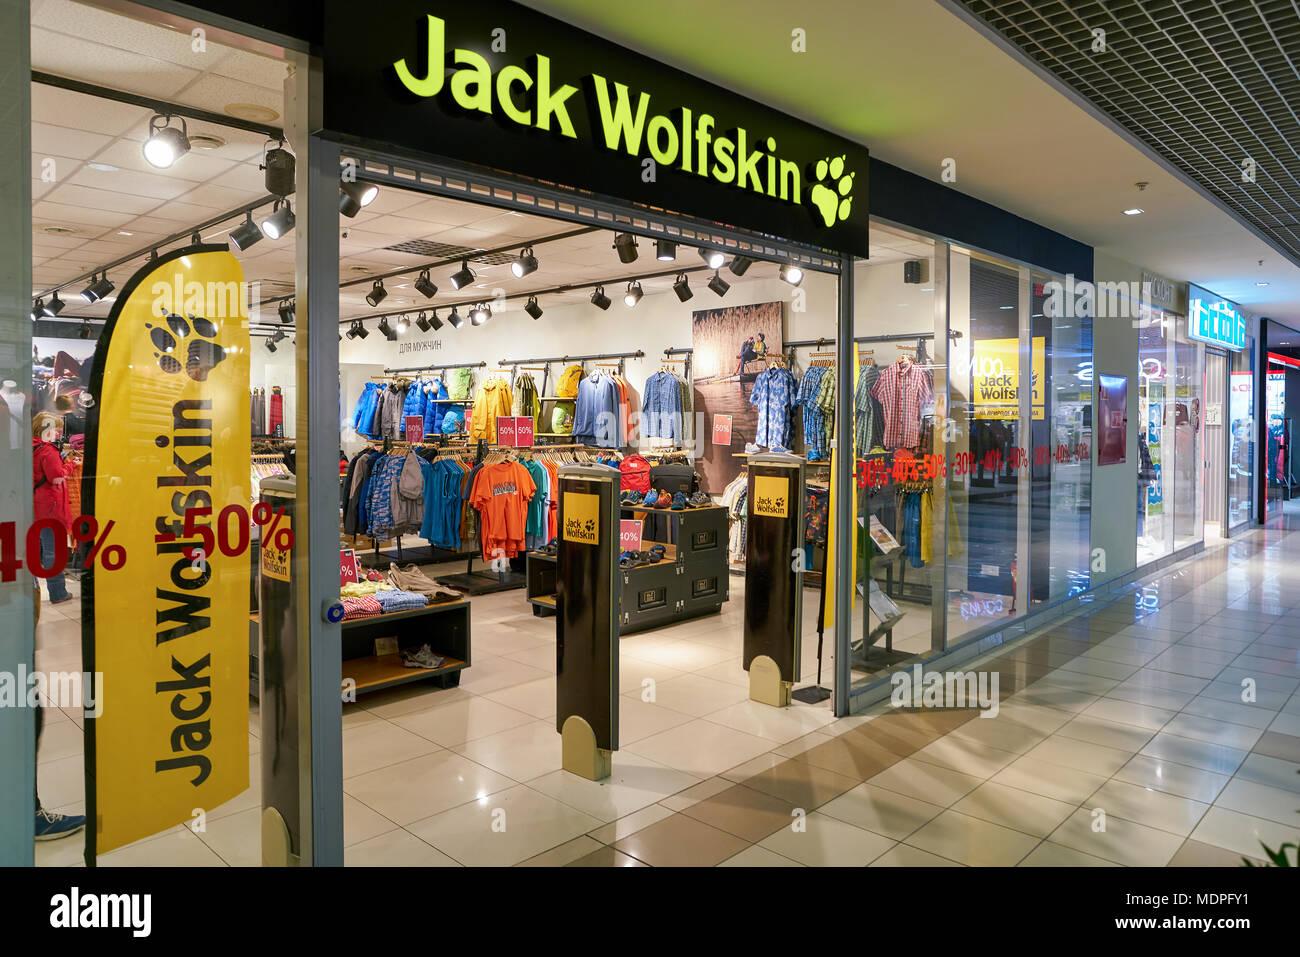 b53edca612cd47 Jack Wolfskin ist ein wichtiger deutscher Hersteller von Outdoor tragen.  Heorshe   Alamy Stock Foto